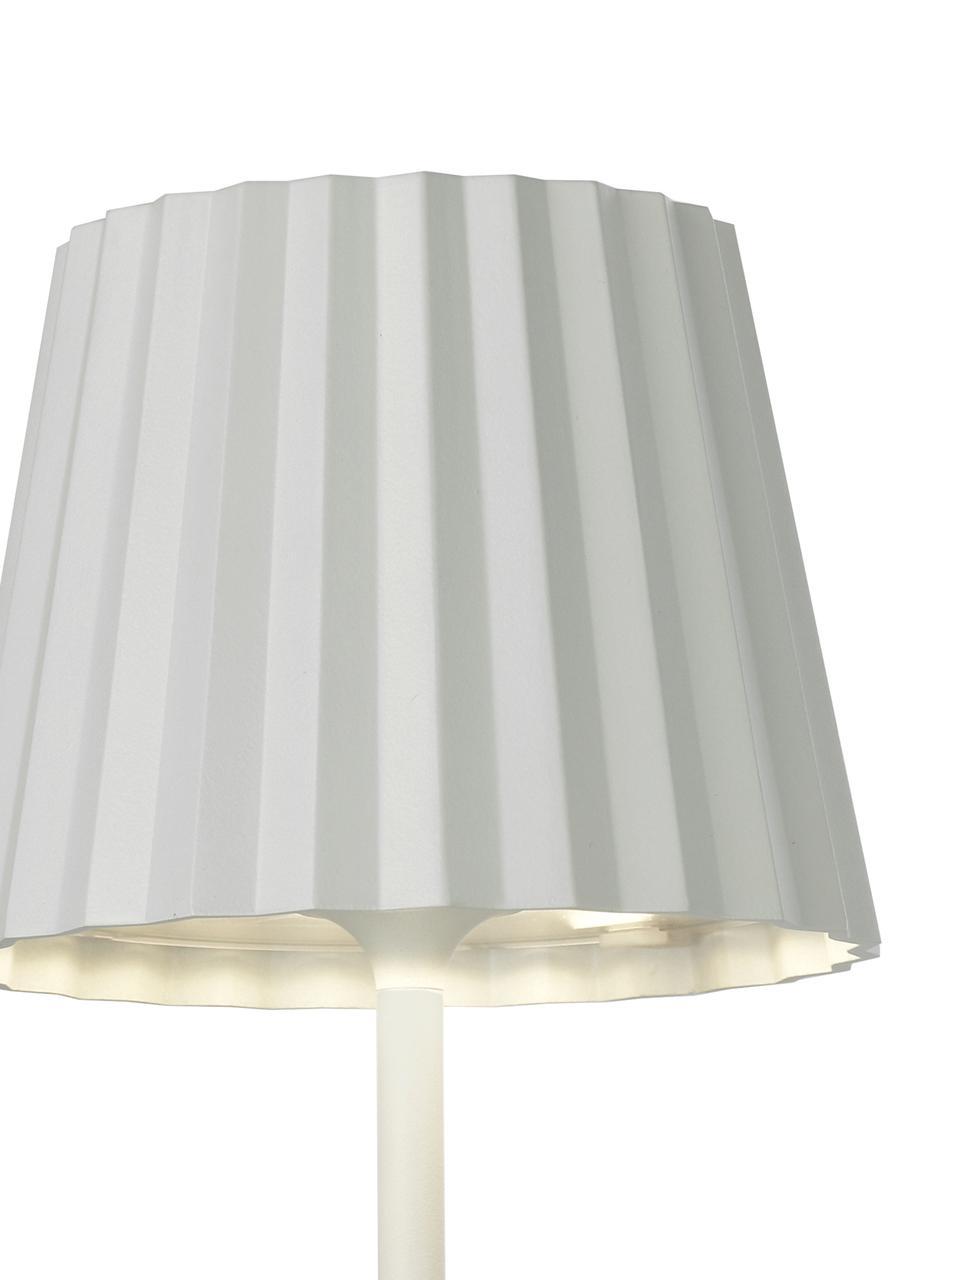 Přenosná stmívatelná venkovní stolní lampa Trellia, Bílá